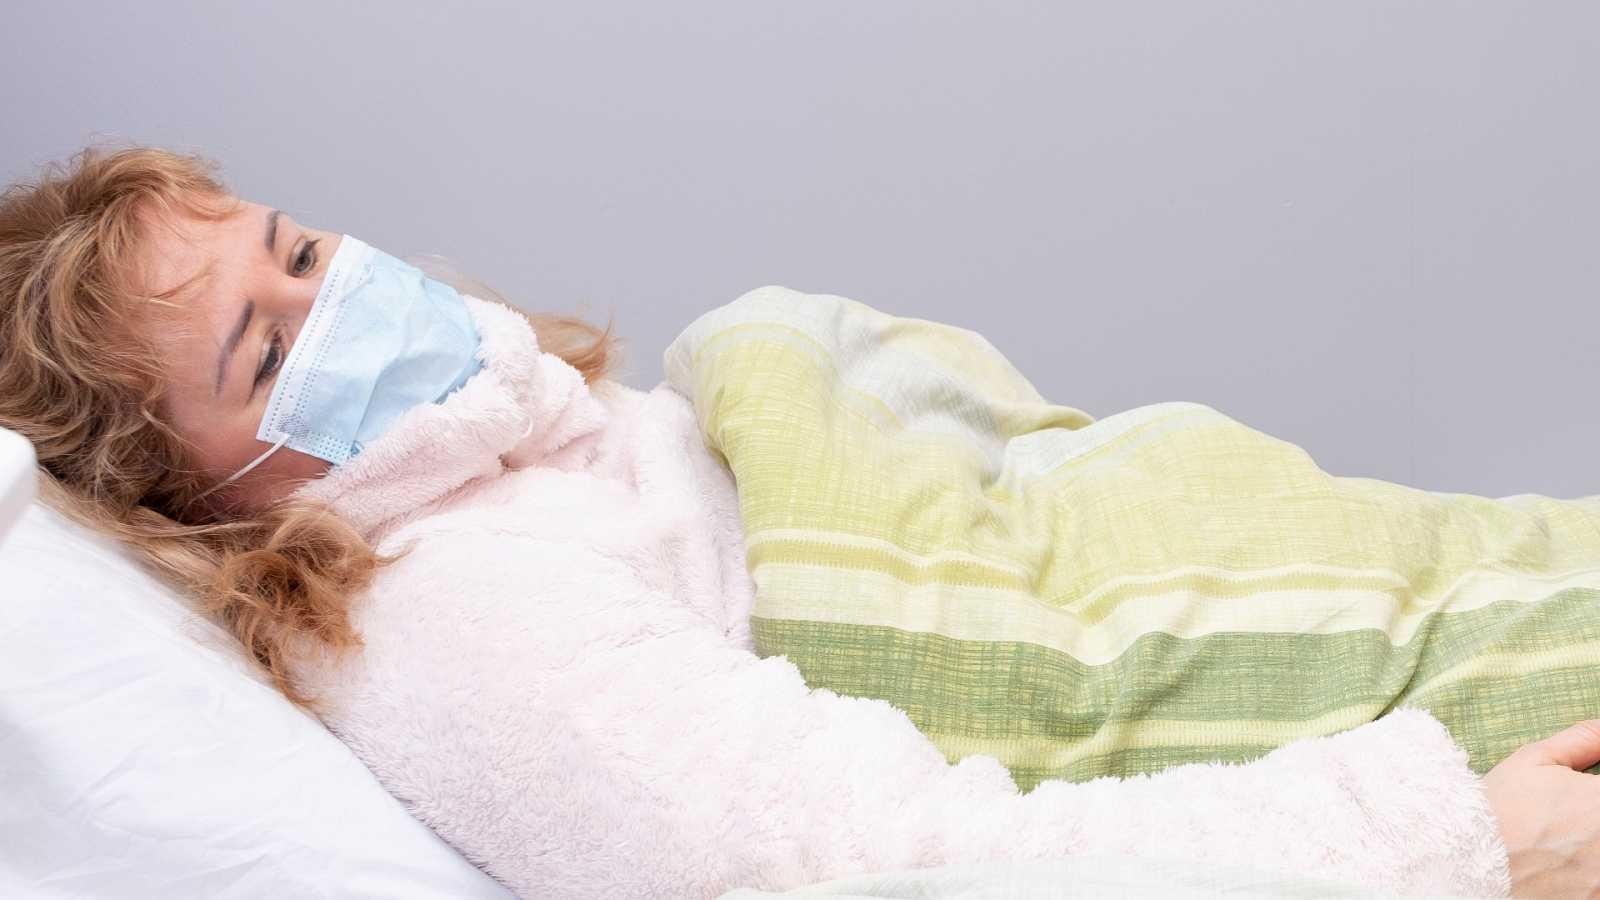 Todo noticias mañana - El coronavirus y el insomnio - Escuchar ahora